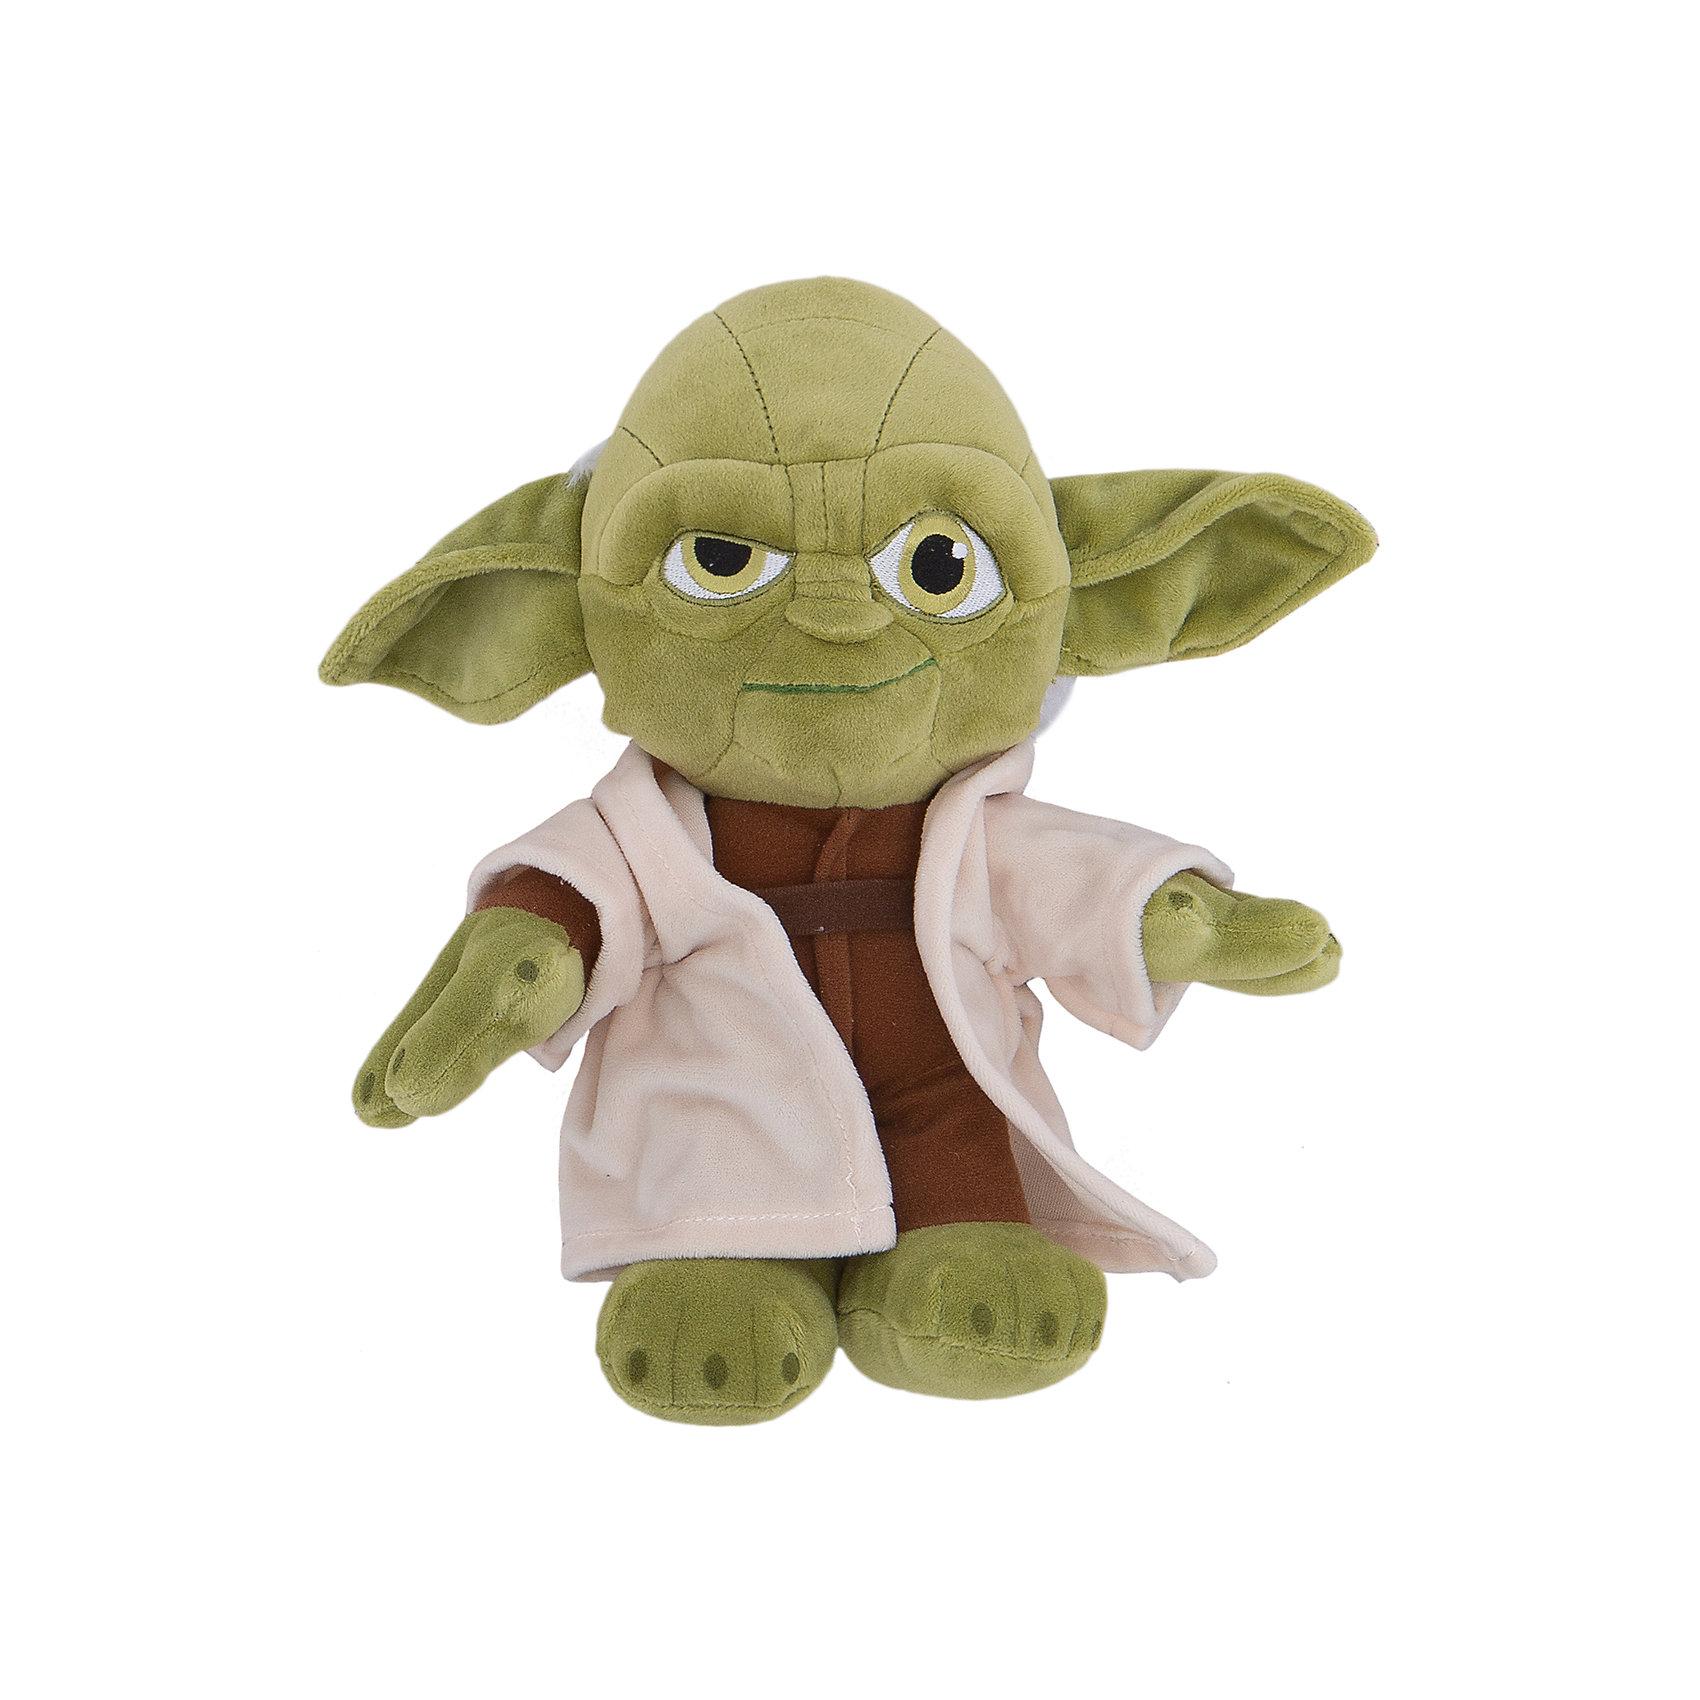 Мягкая игрушка Йода, 25 см, Звездные войныМастер Йода, Звездные войны  - оригинальная мягкая игрушка, которая станет приятным сюрпризом для детей любого возраста. Игрушка изображает популярного персонажа из знаменитой киноэпопеи Звездные войны (Star Wars). Мастер Йода - бывший магистр Ордена Джедаев, один из самых сильных обладателей Силы, он прожил более 900 лет, поэтому по-праву считается одним из мудрейших существ во Вселенной. Фигурка Йоды очень мягкая и приятная на ощупь, с хорошо прошитыми деталями, изготовлена из качественных экологичных материалов и совершенно безопасна для детского здоровья. <br><br>Дополнительная информация:<br><br>- Материал: плюш, синтепон.<br>- Высота игрушки: 25 см.<br>- Размер упаковки: 26 х 15 х 10 см.<br>- Вес: 185 гр.<br><br>Мягкую игрушку Йода, Звездные войны, можно купить в нашем интернет-магазине.<br><br>Ширина мм: 120<br>Глубина мм: 200<br>Высота мм: 120<br>Вес г: 185<br>Возраст от месяцев: 36<br>Возраст до месяцев: 1188<br>Пол: Мужской<br>Возраст: Детский<br>SKU: 4302515